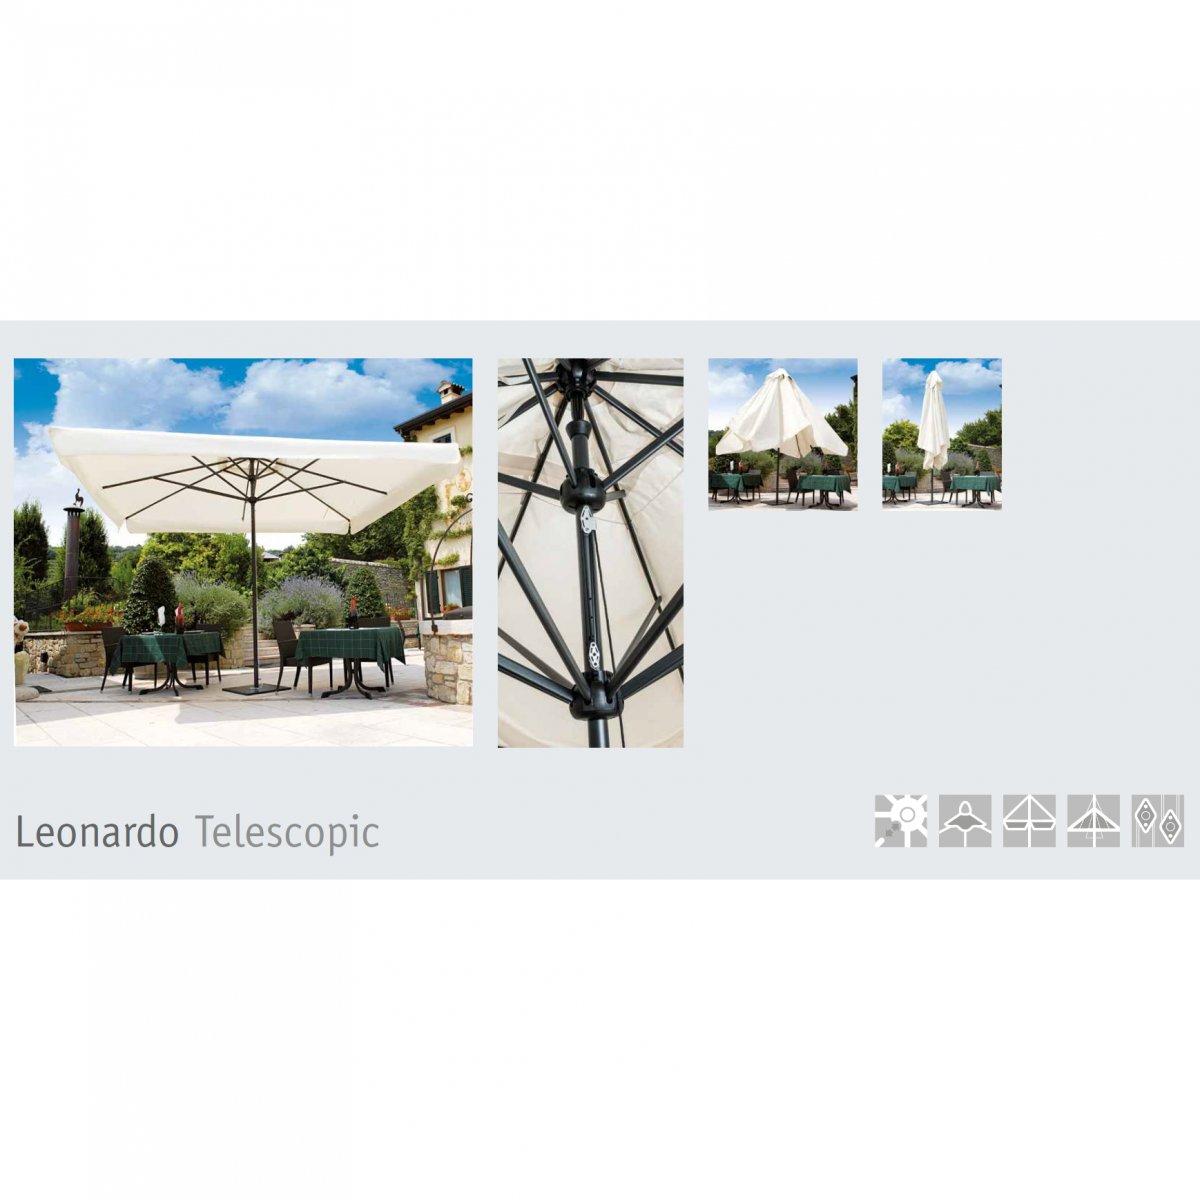 Scolaro OMBRELLONE LEONARDO TELESCOPIC